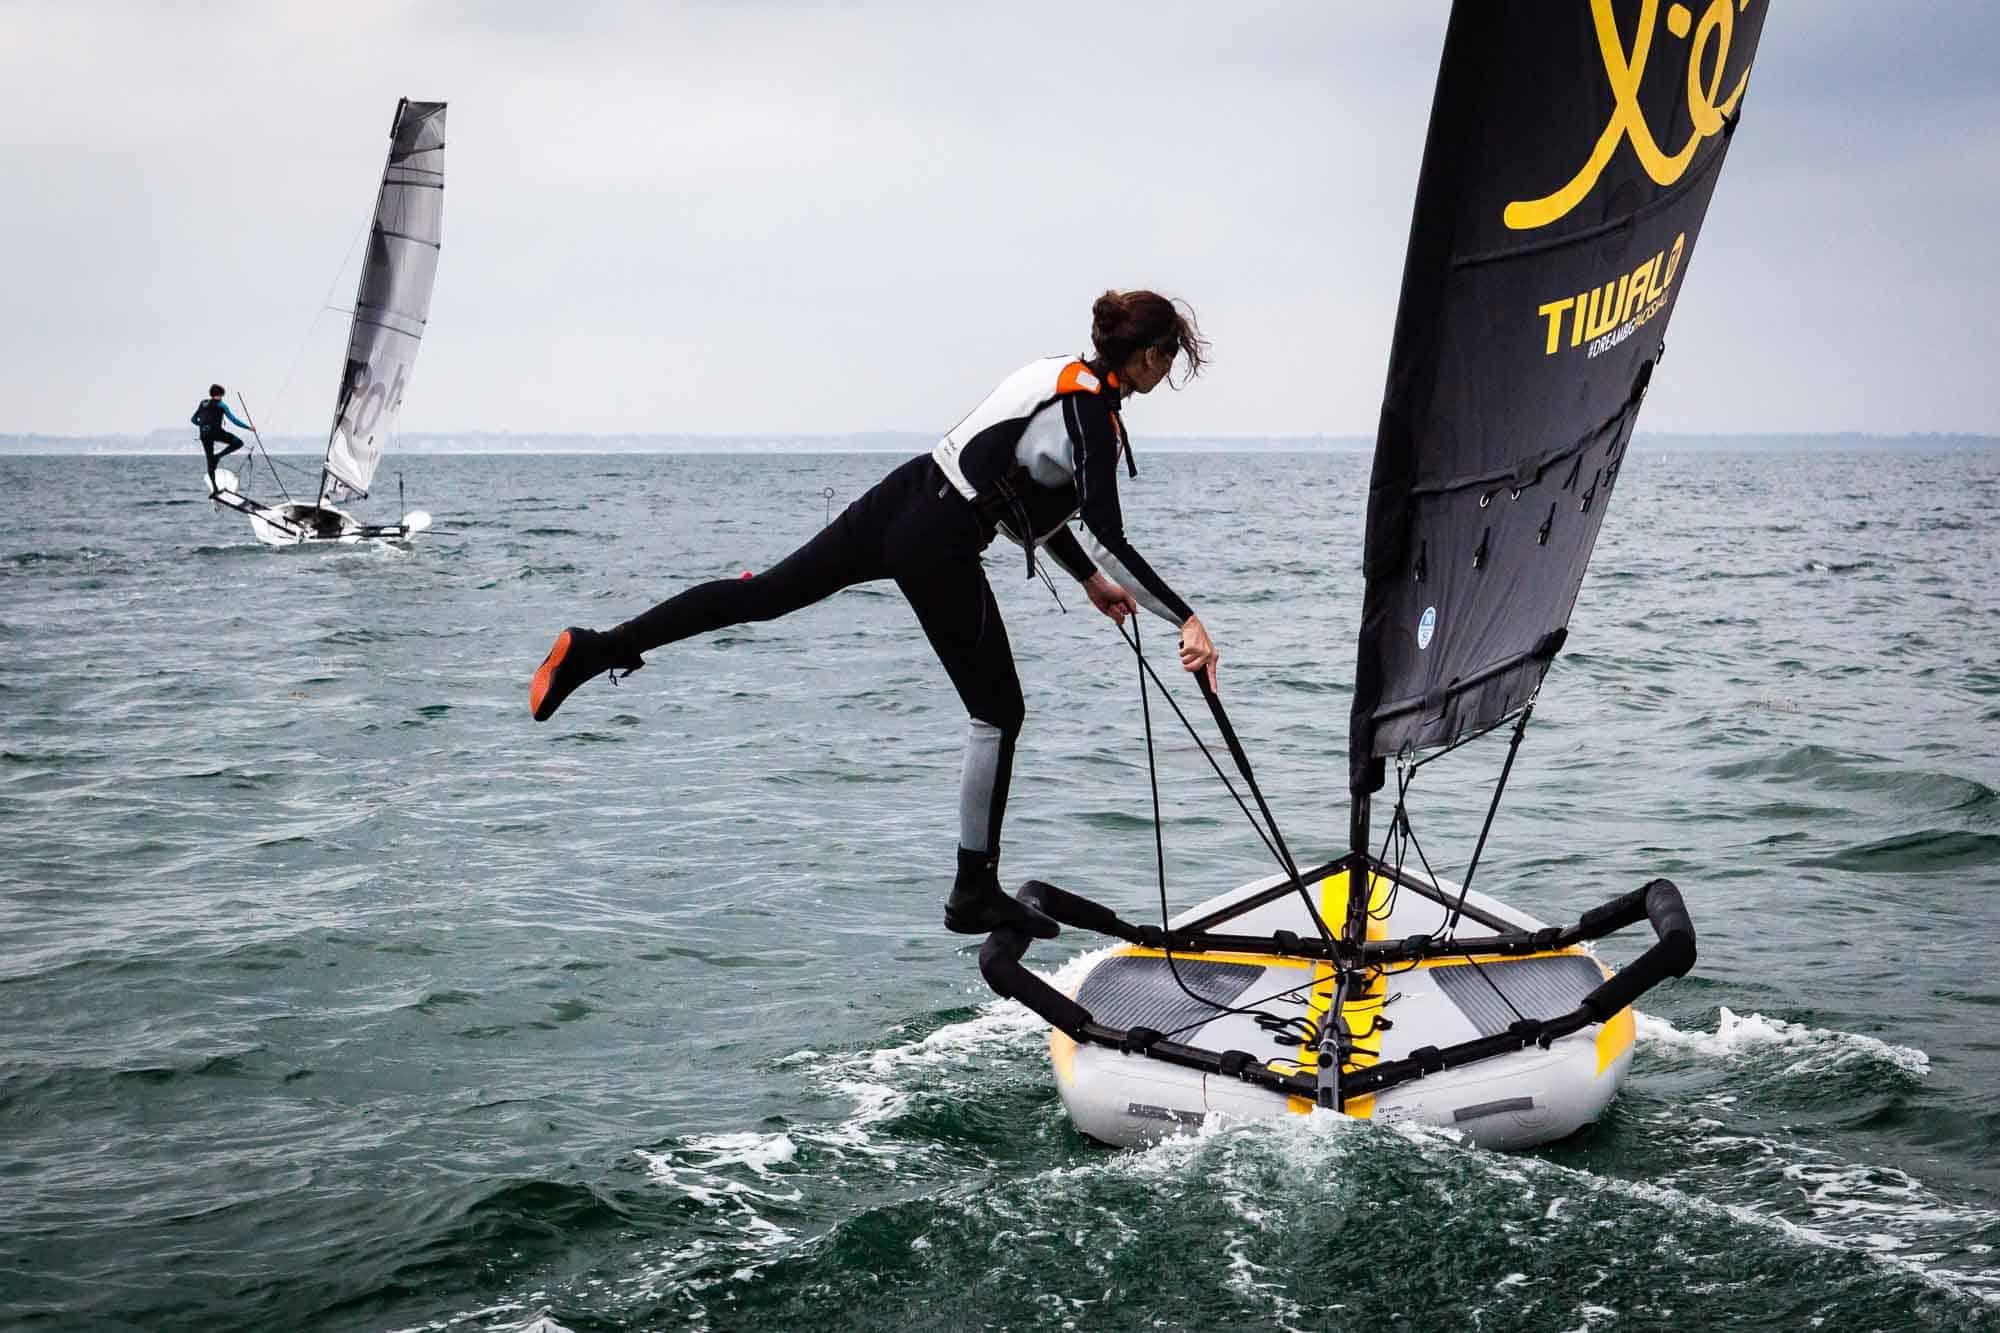 Marion segelt auf Tiwals Flügeln.